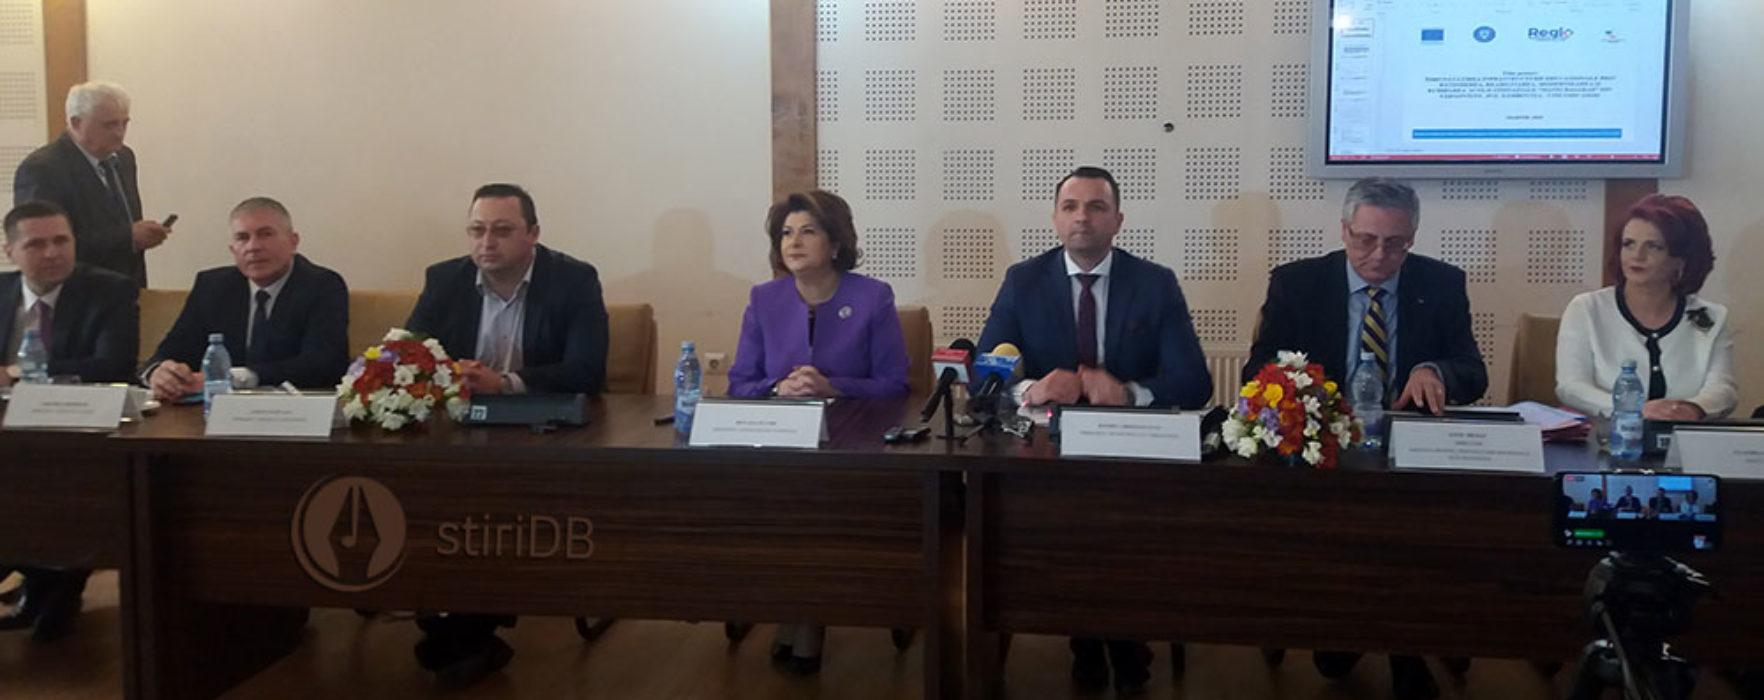 Proiecte cu fonduri europene, semnate la Primăria Târgovişte în prezenţa ministrului Rovana Plumb